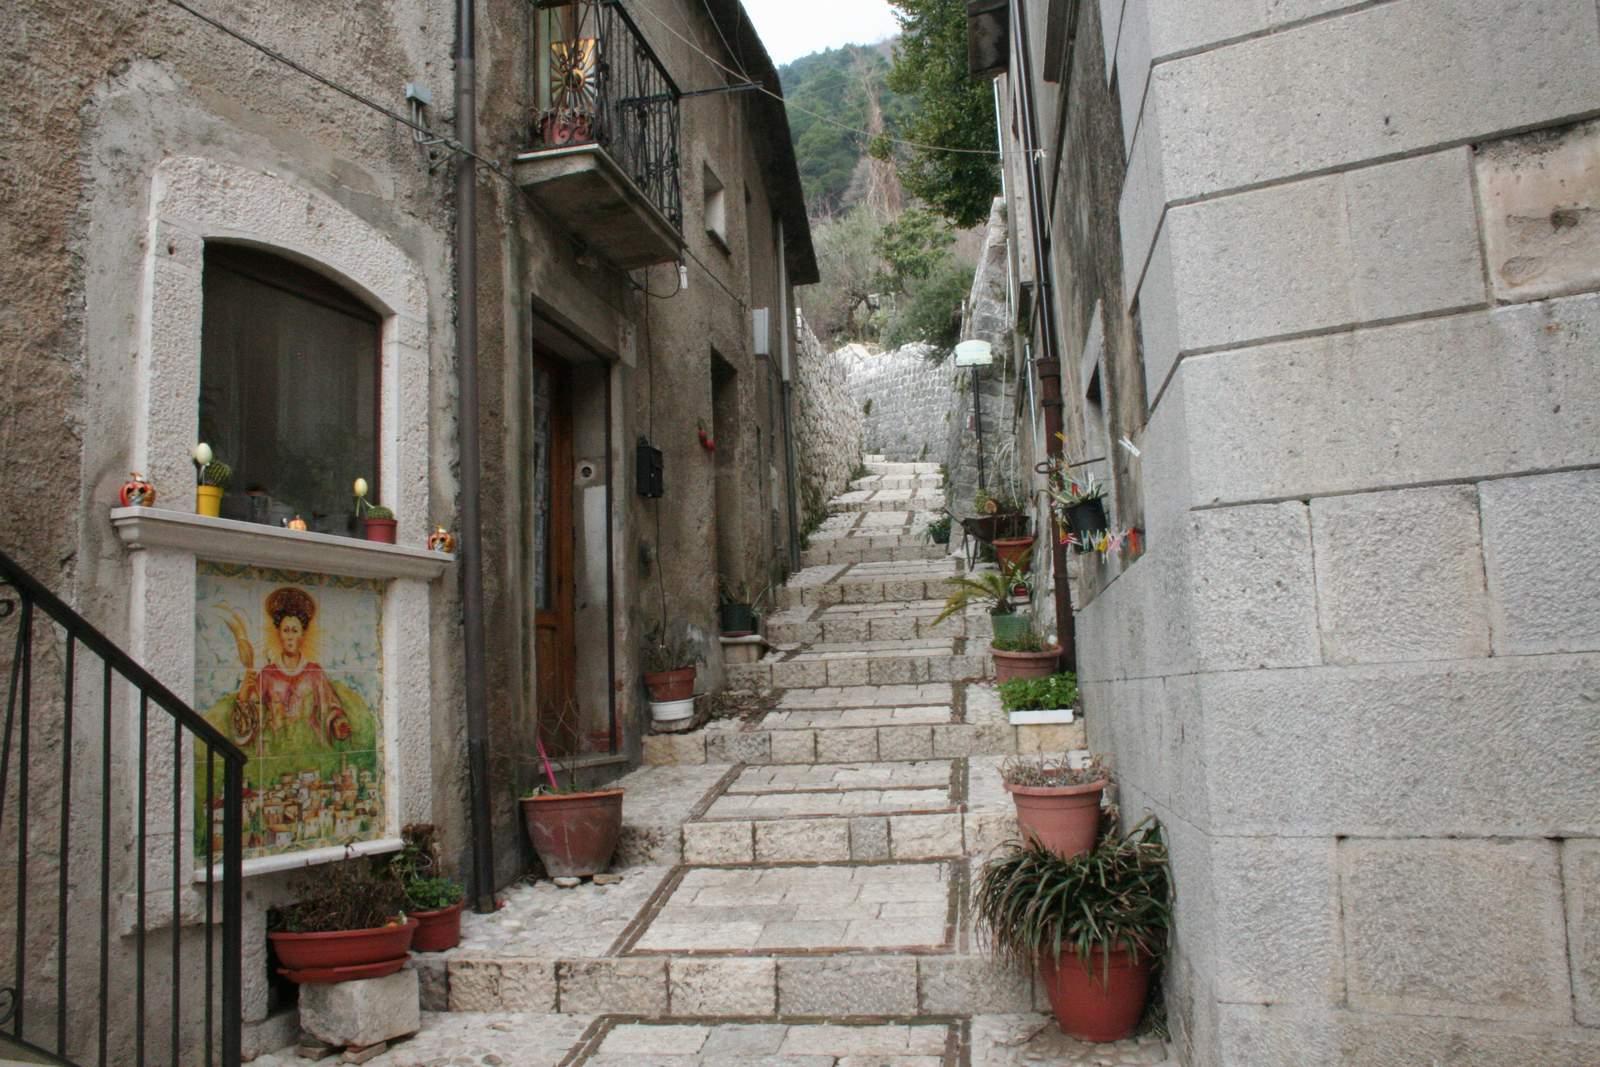 San lorenzello guida turistica del matese for San lorenzello